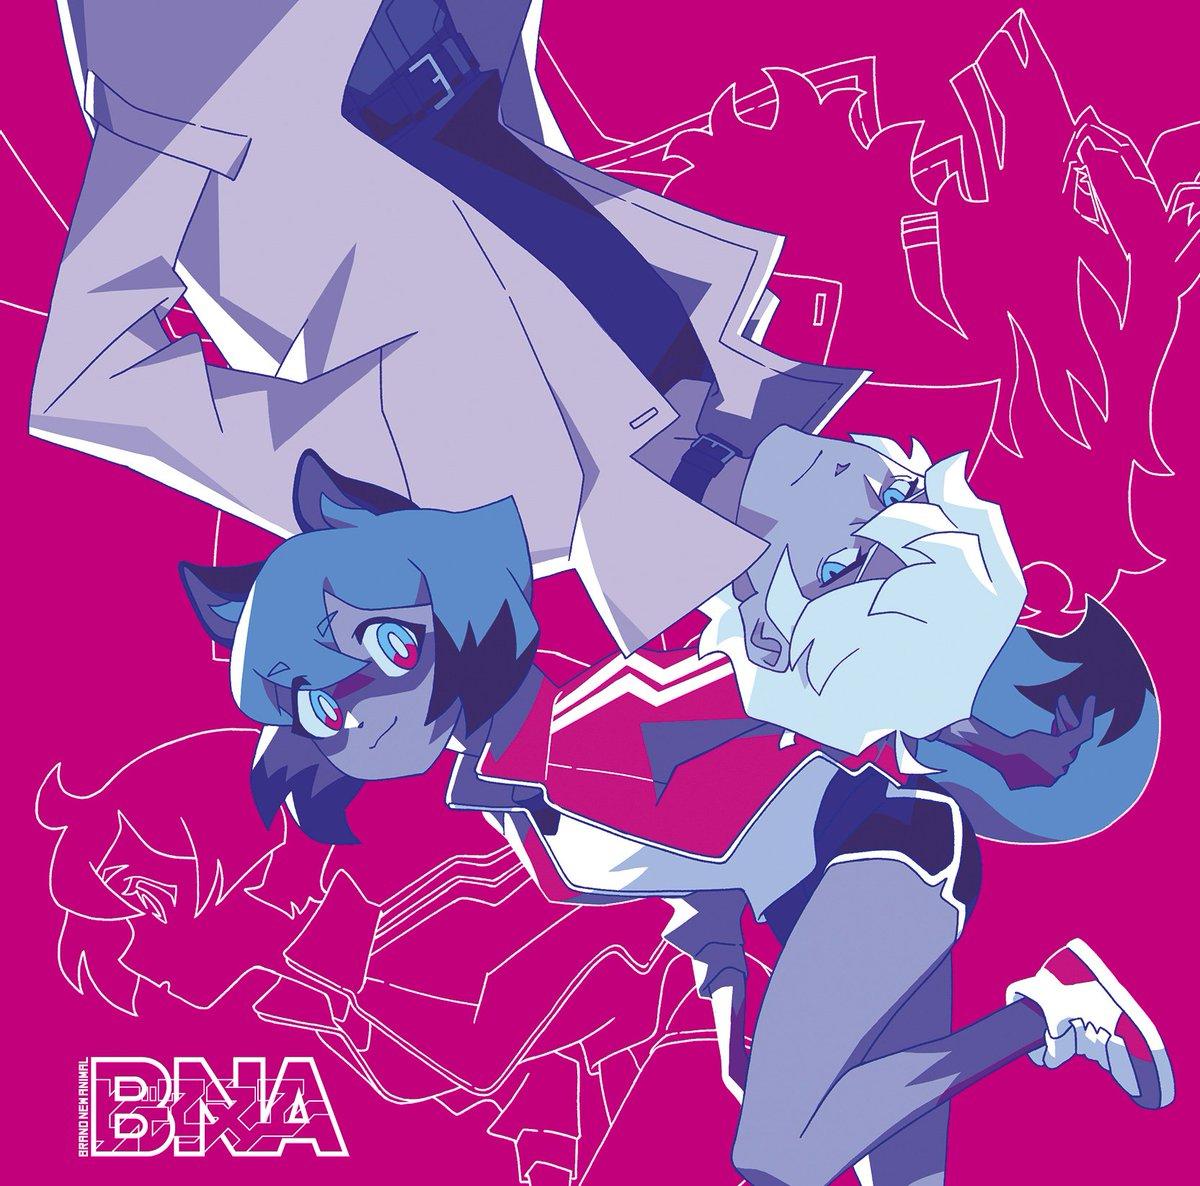 『影森みちる(諸星すみれ) - Ready to』収録の『アニメ『BNA ビー・エヌ・エー』Complete album』ジャケット